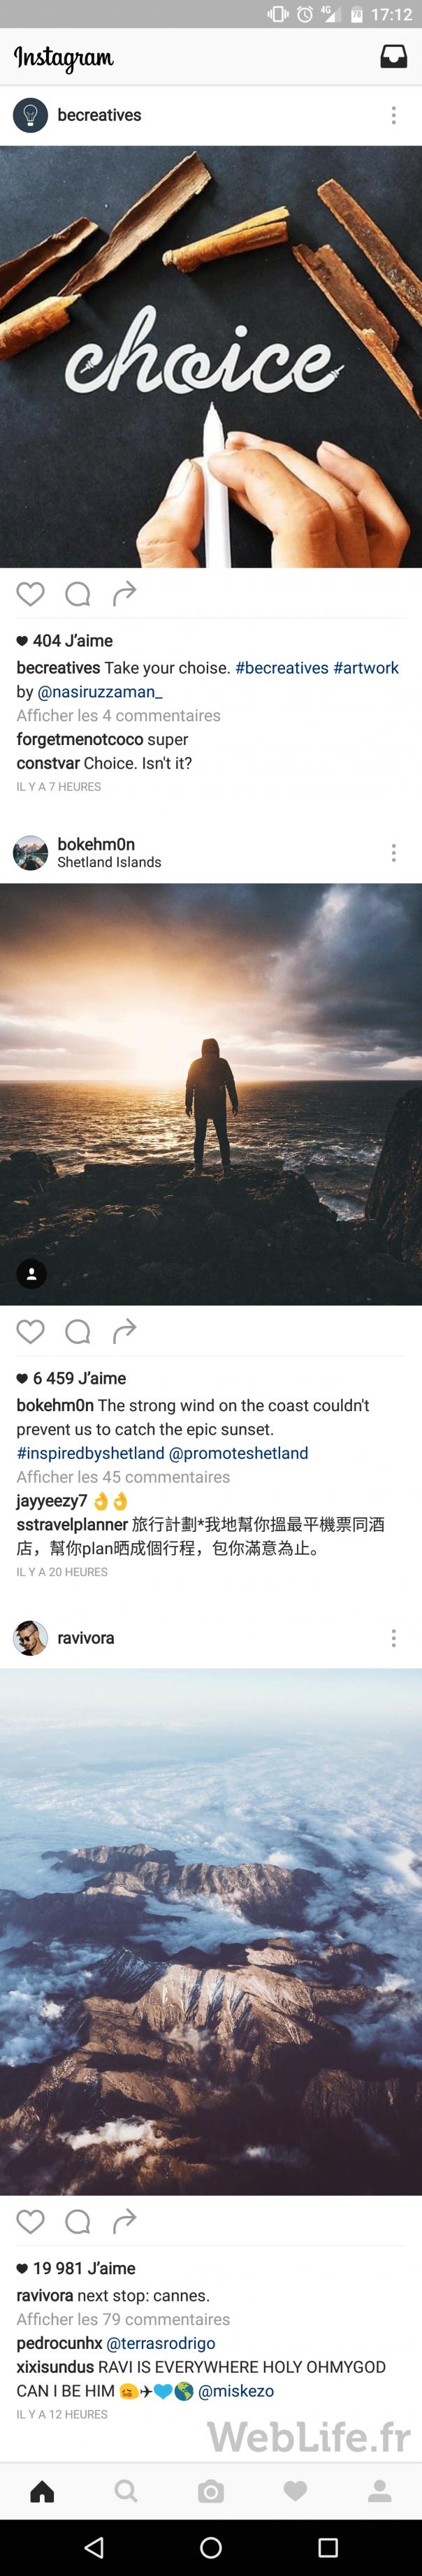 Instagram : Timeline & algorithme